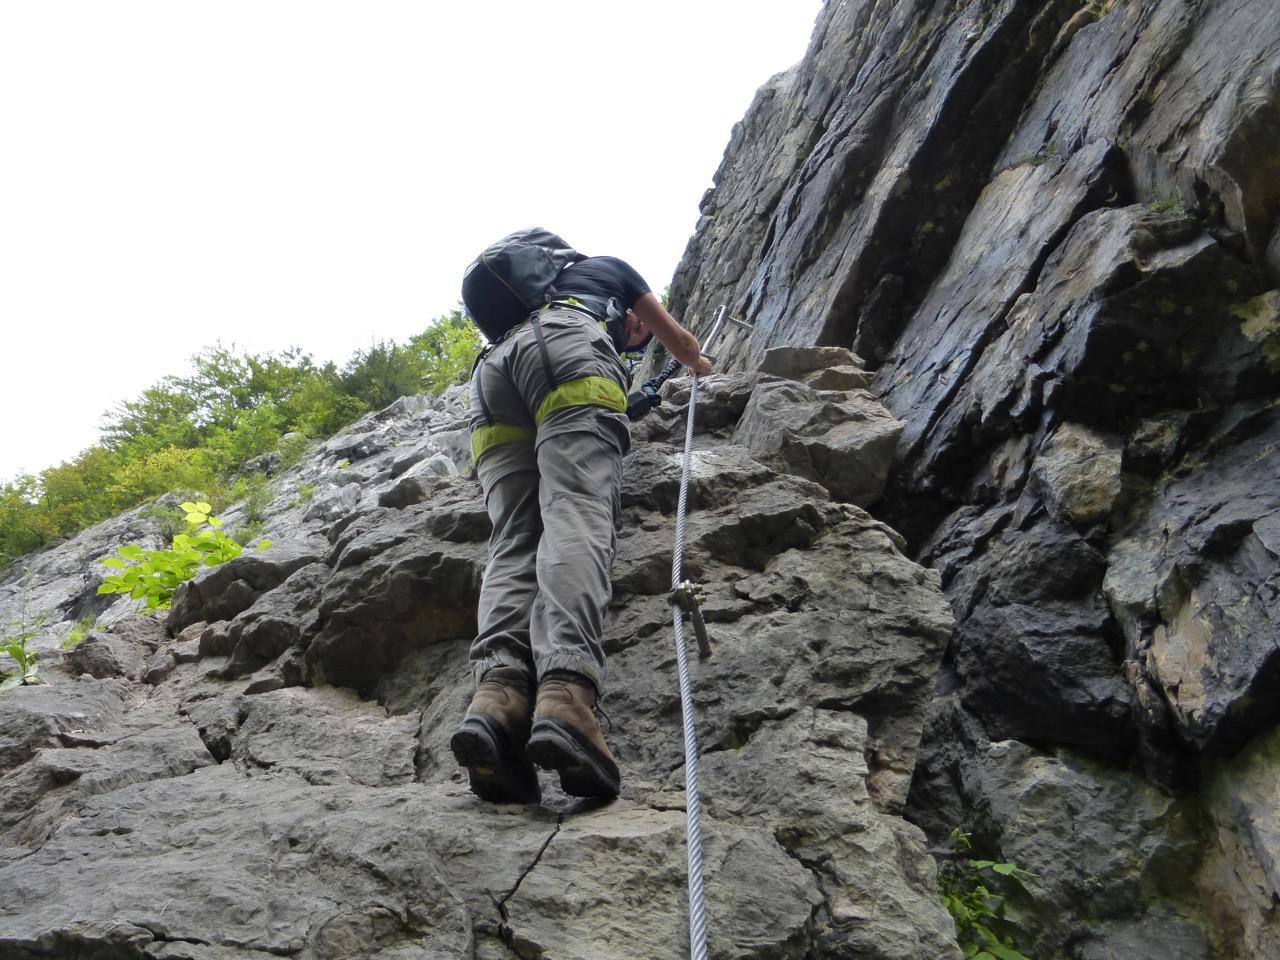 Klettersteig Oostenrijk : Klettersteig oostenrijk 2014 u2013 bijelkaarblijven